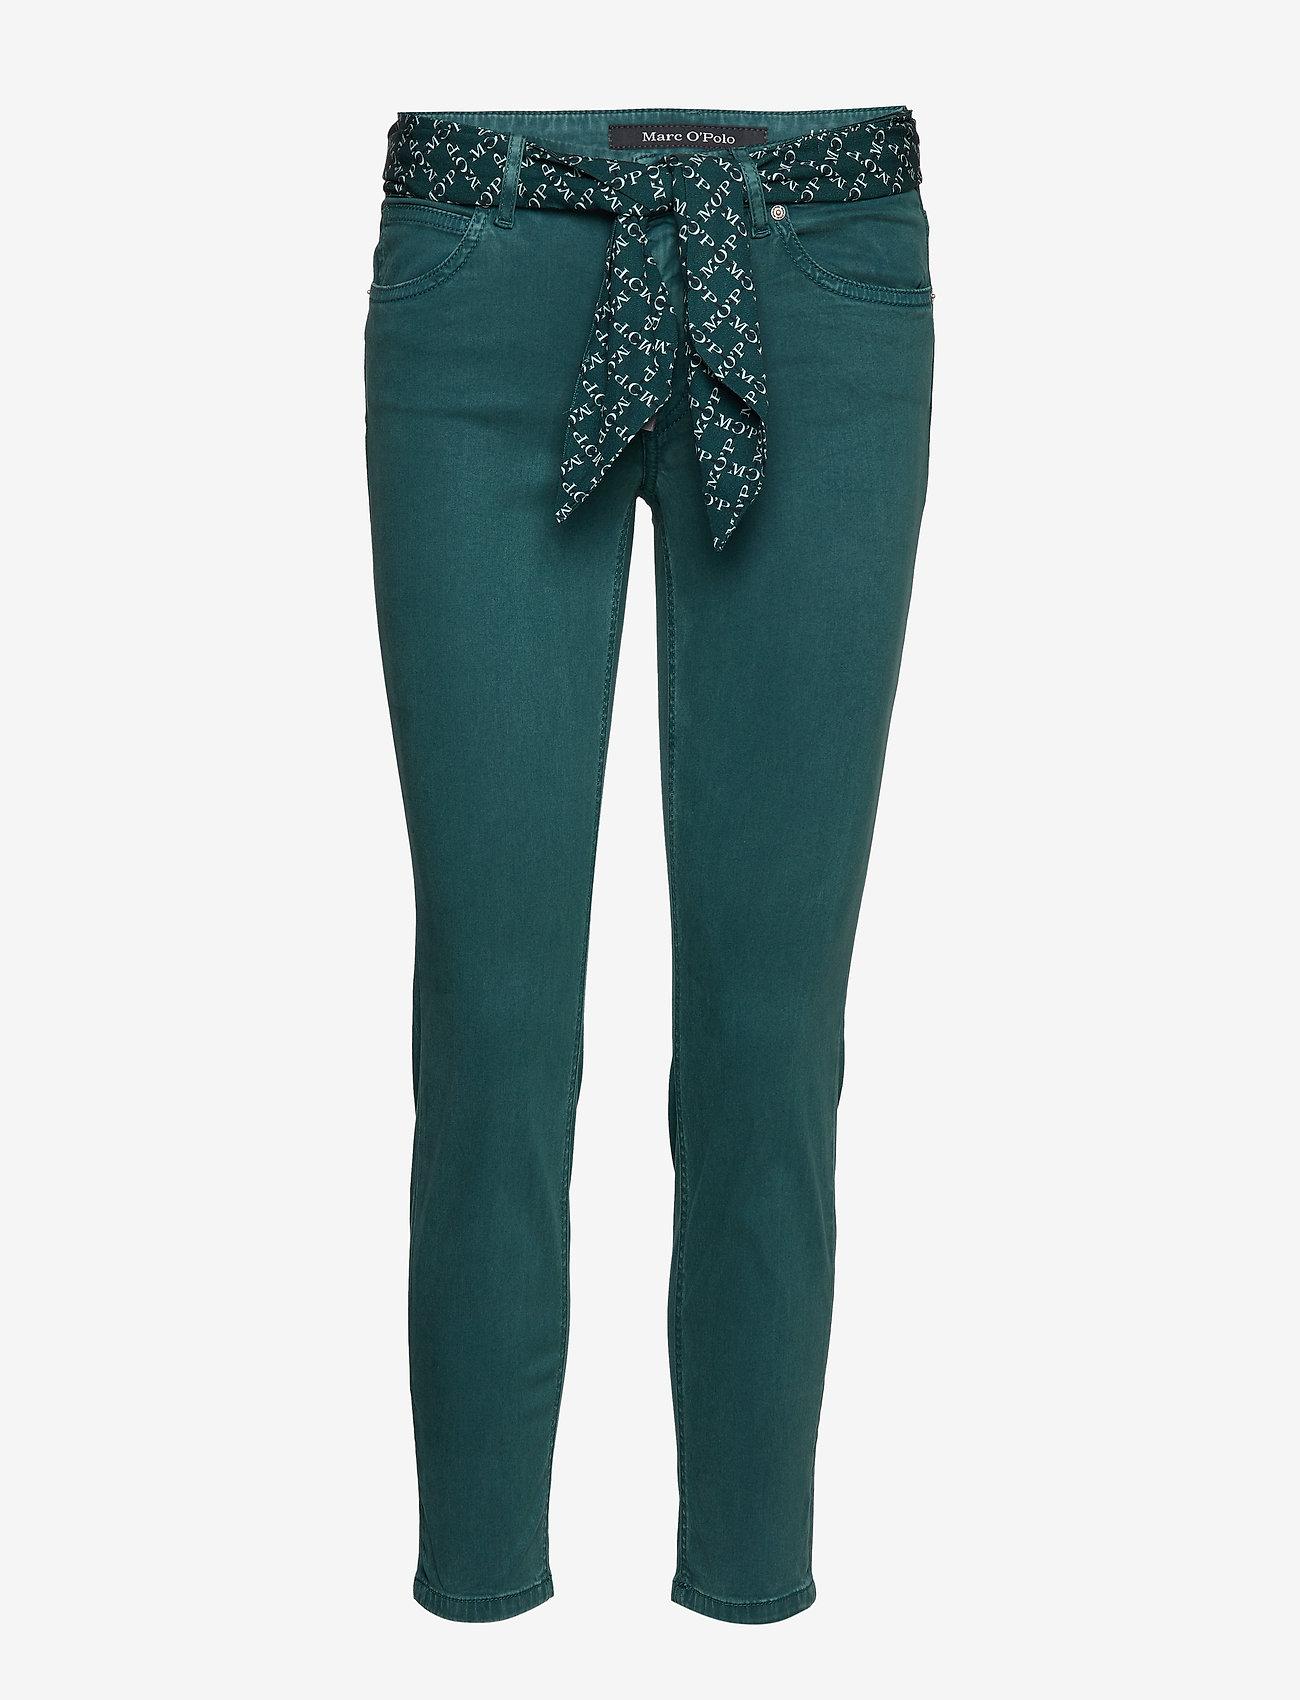 Marc O'Polo - Jeans - skinny jeans - dusky emerald - 0